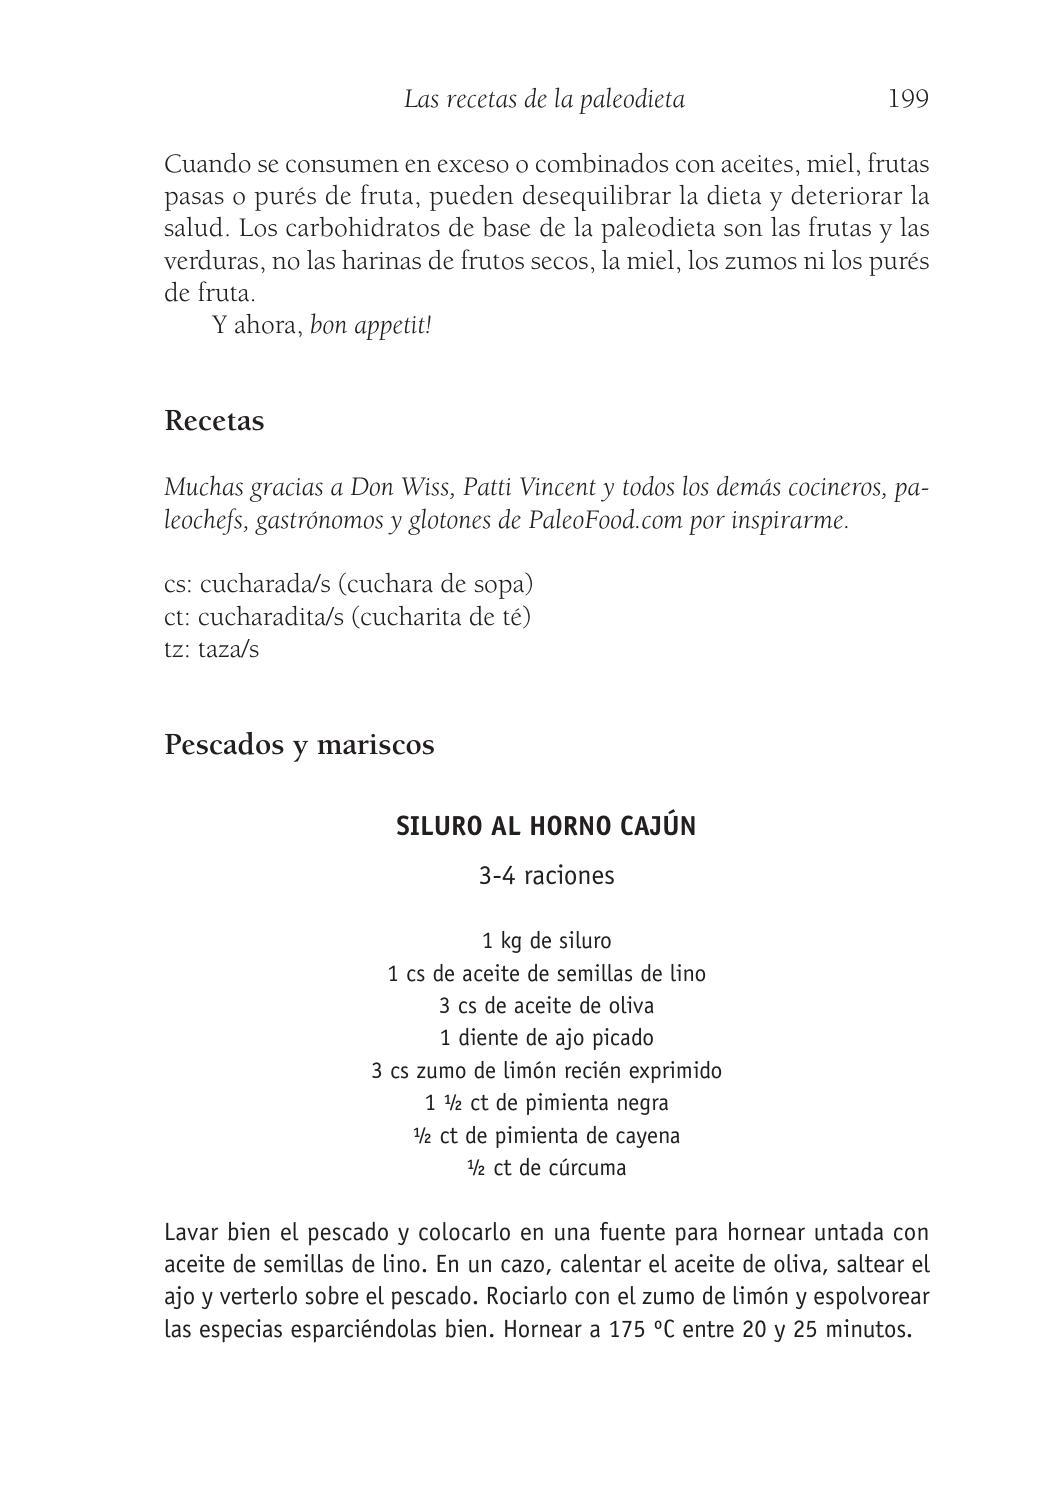 dieta de pimienta de cayena con té de limón